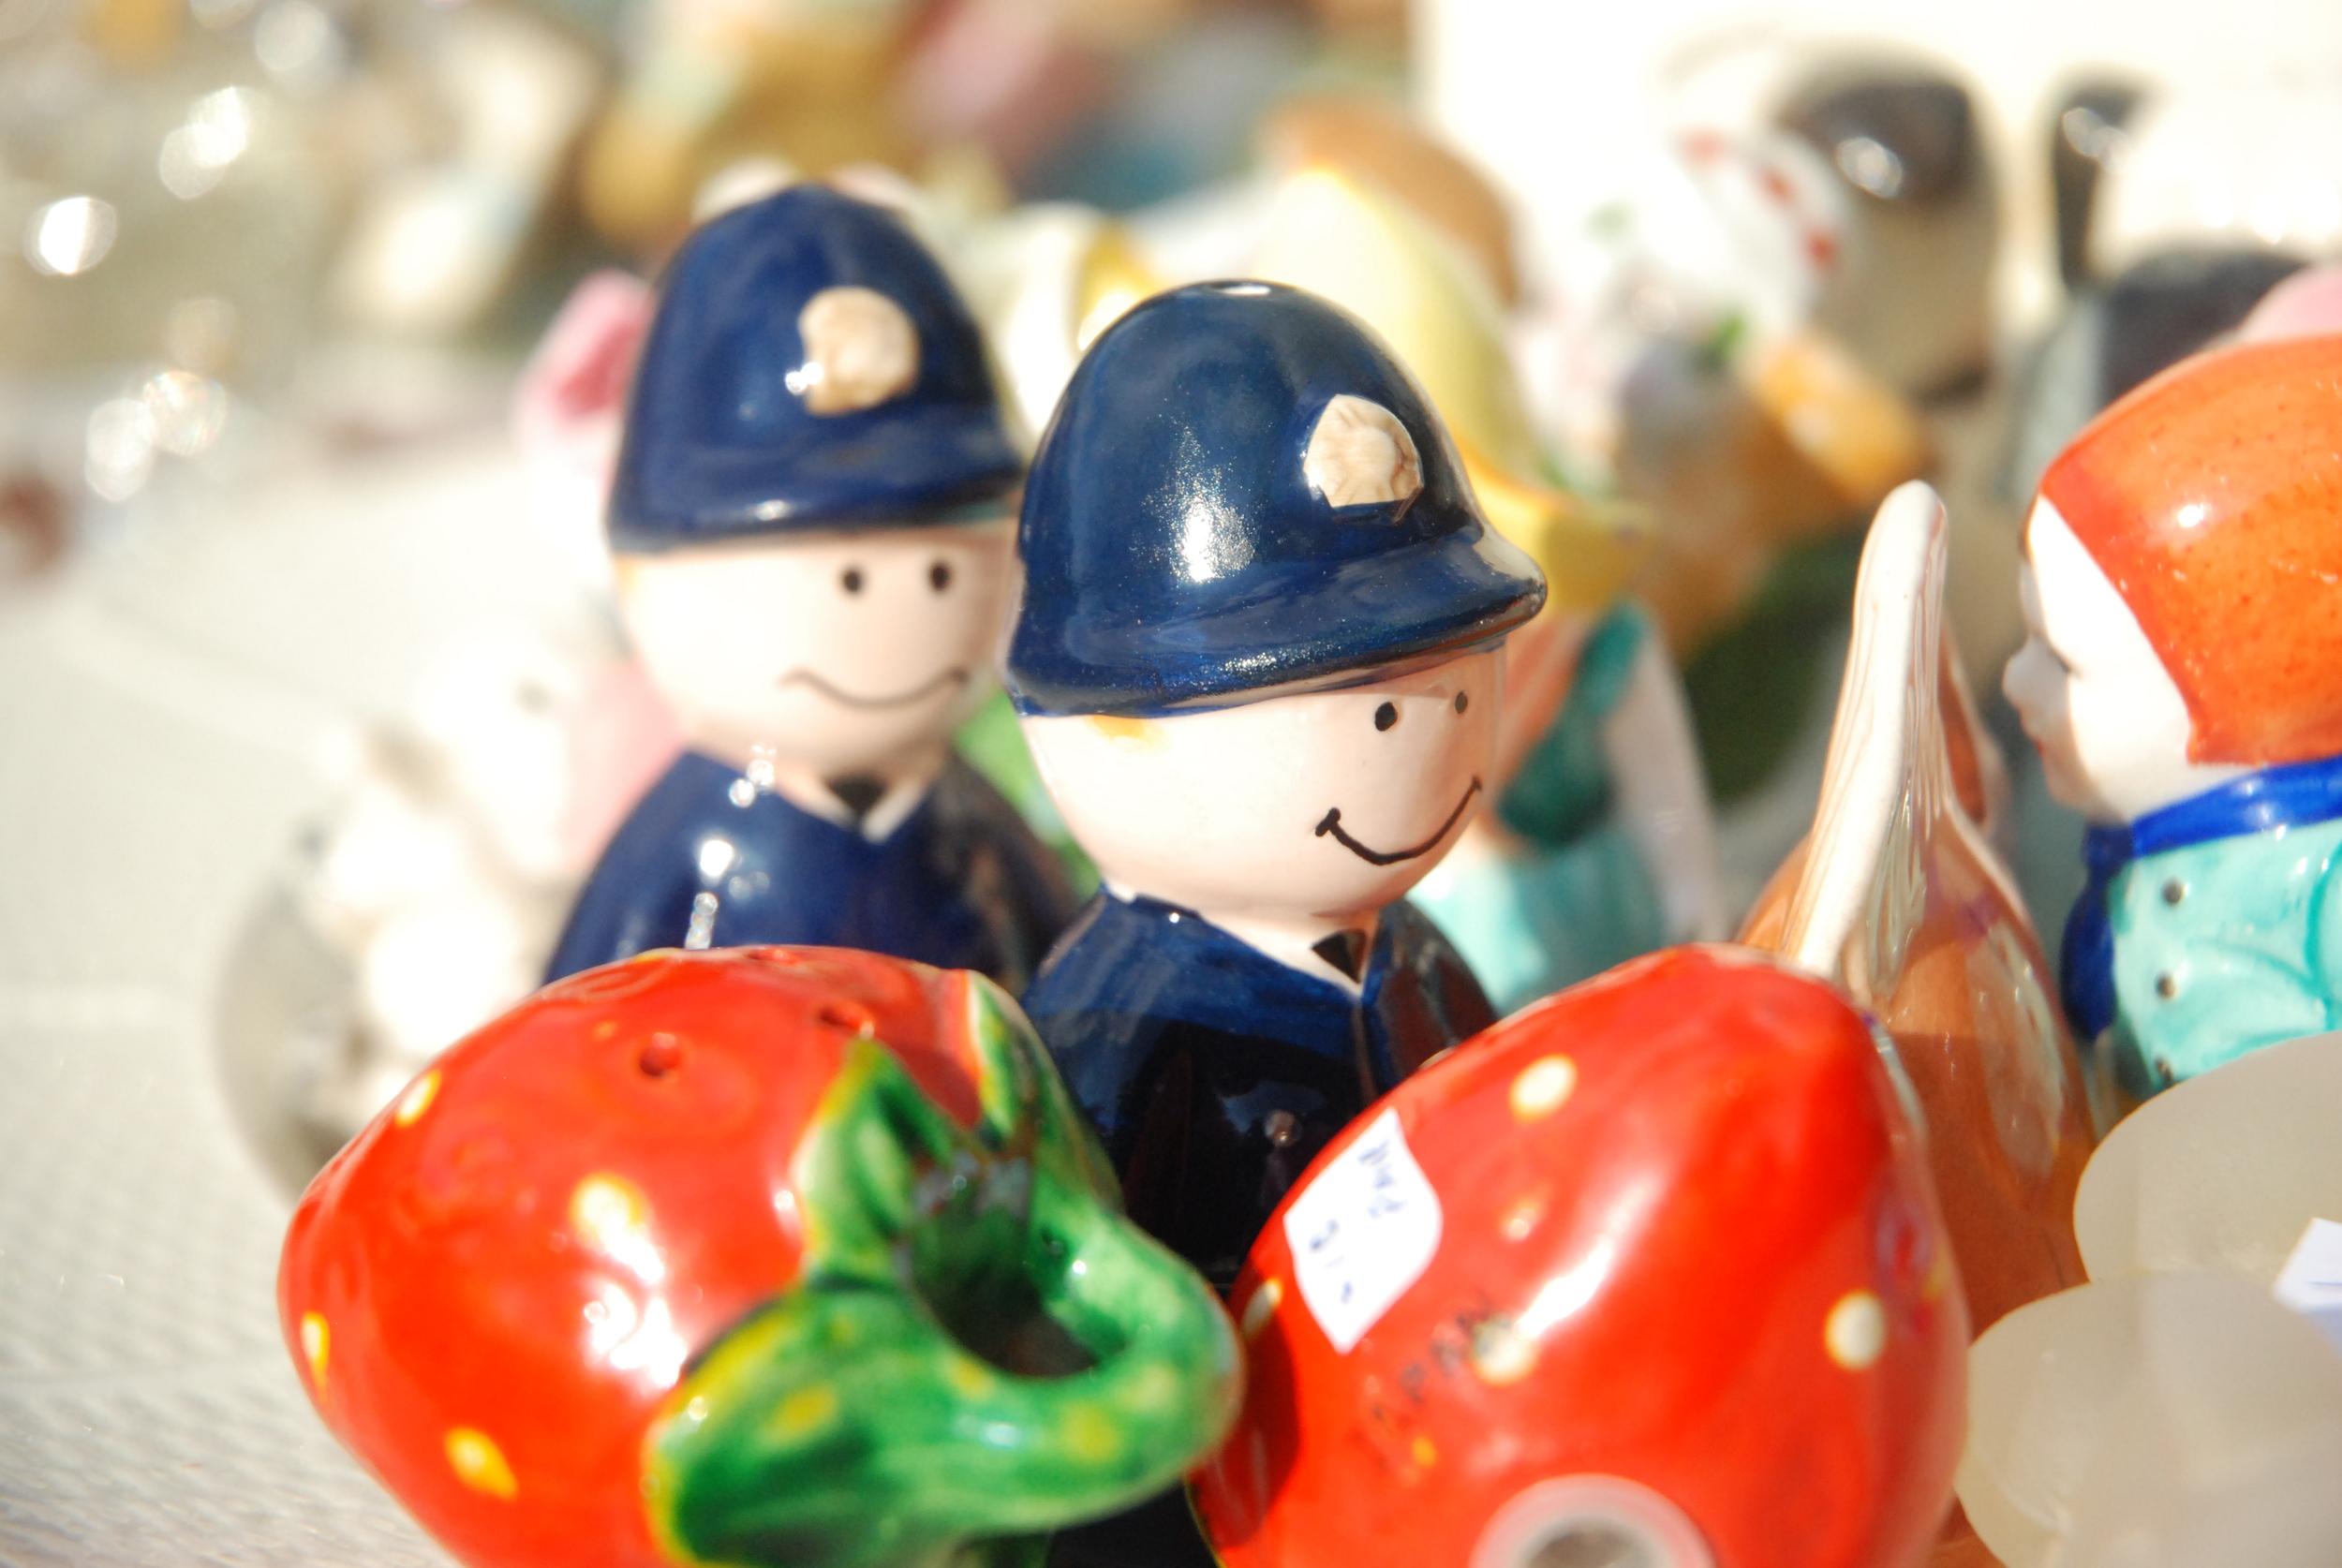 Beholder Images_Antique Market_1185.JPG